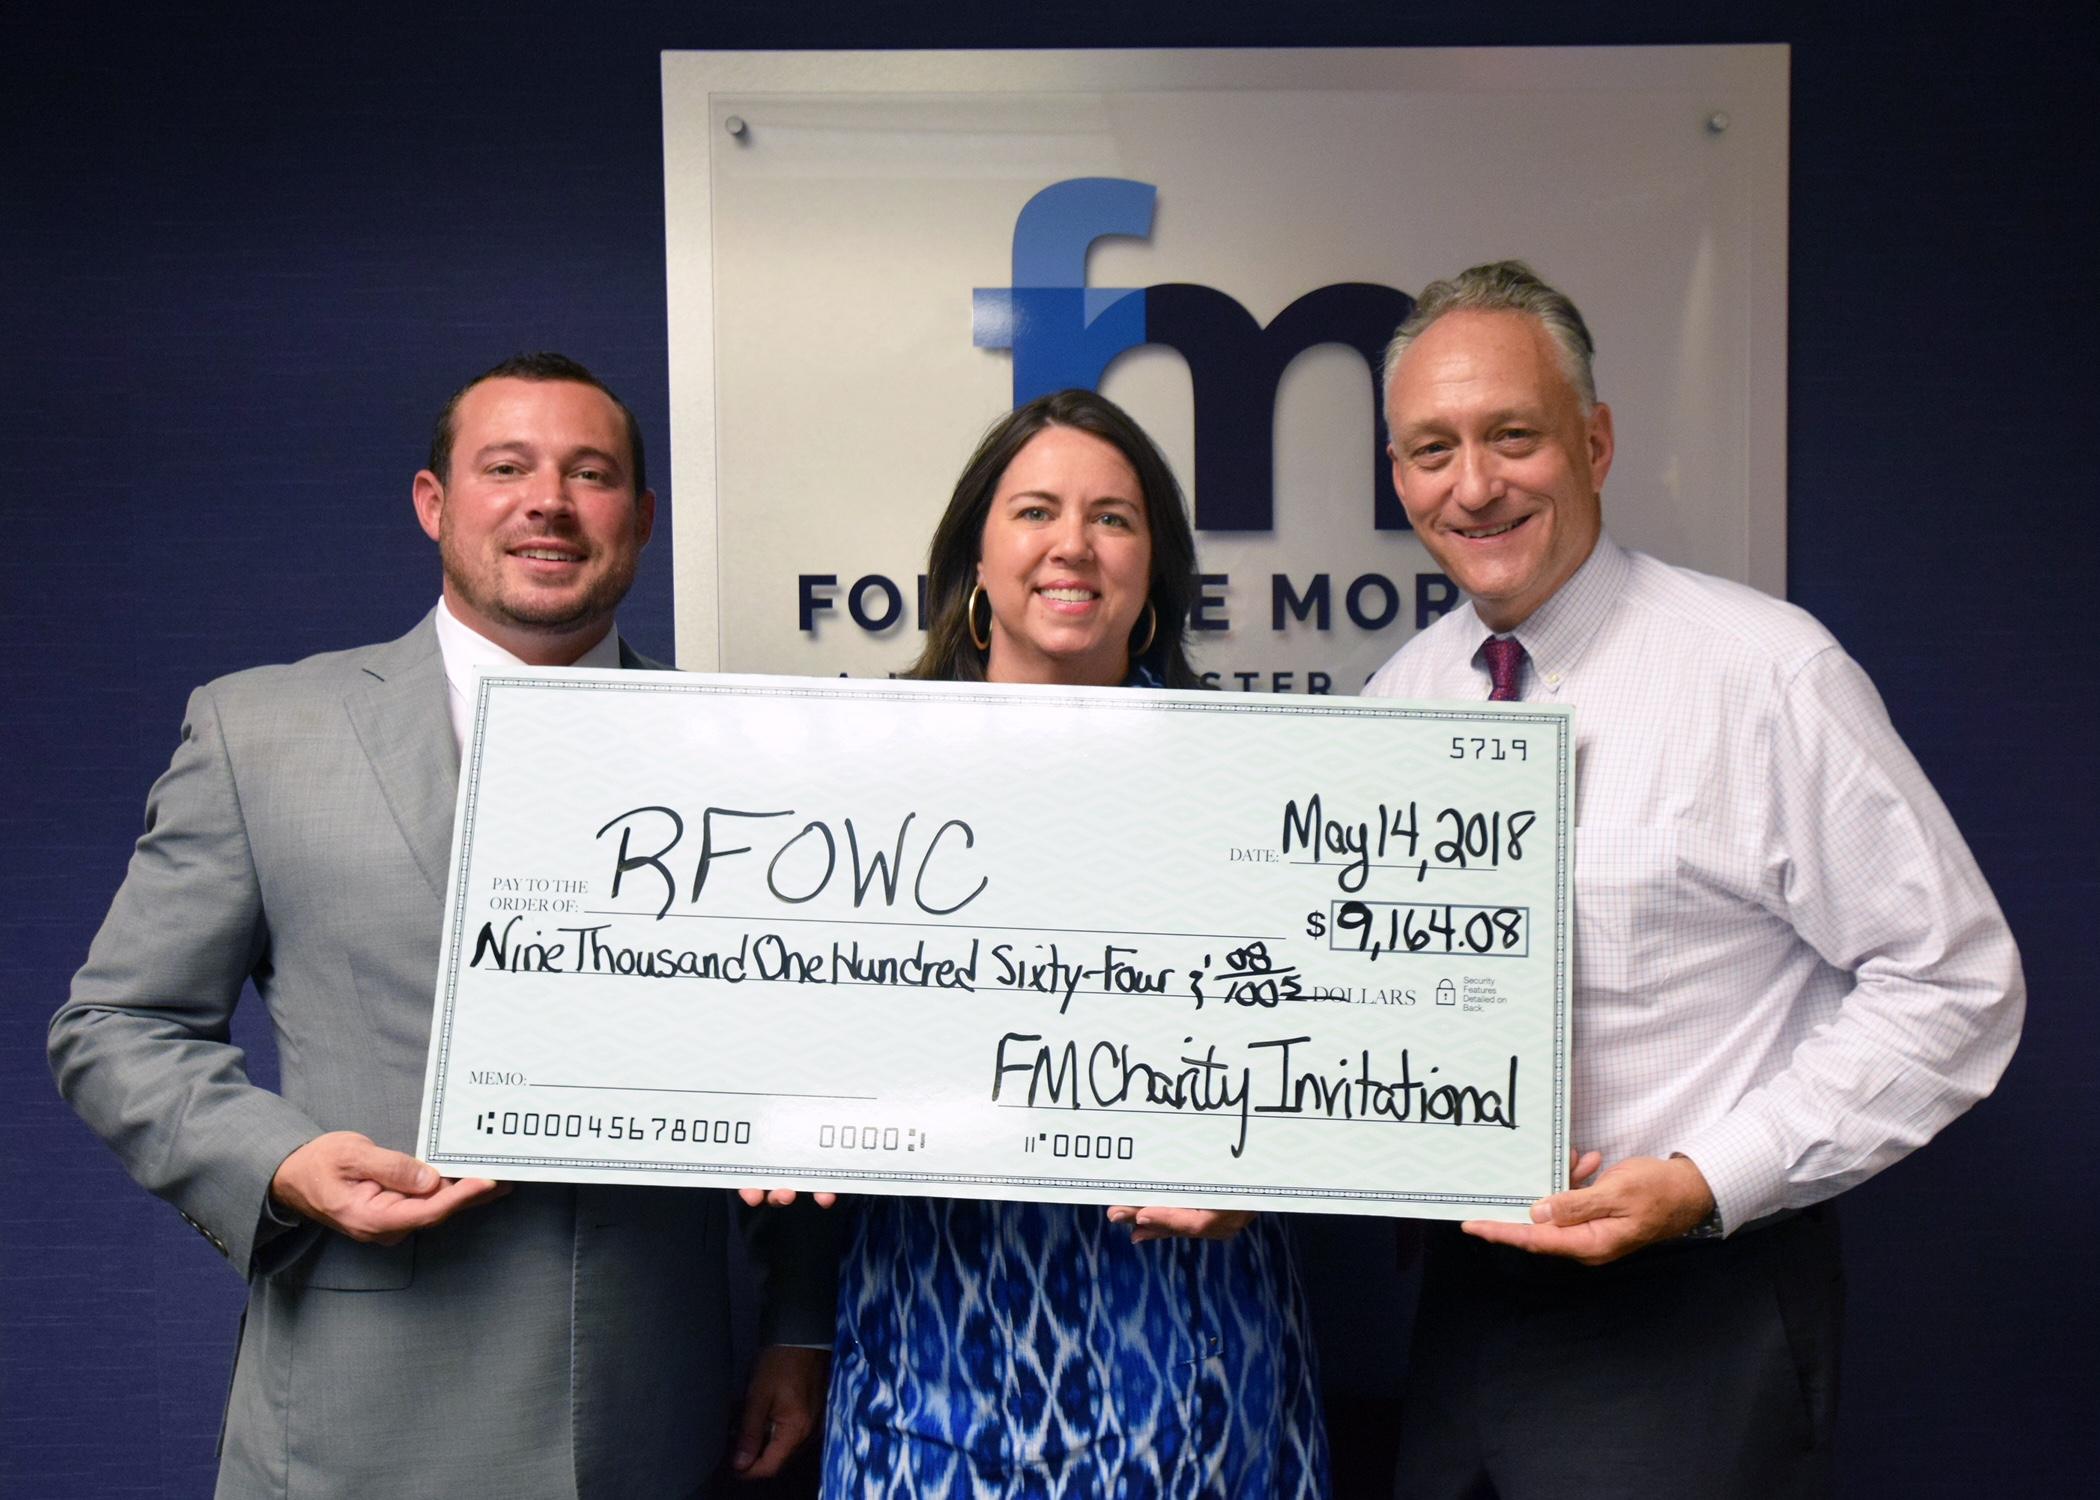 FM Lending Fundraiser for RFOWC